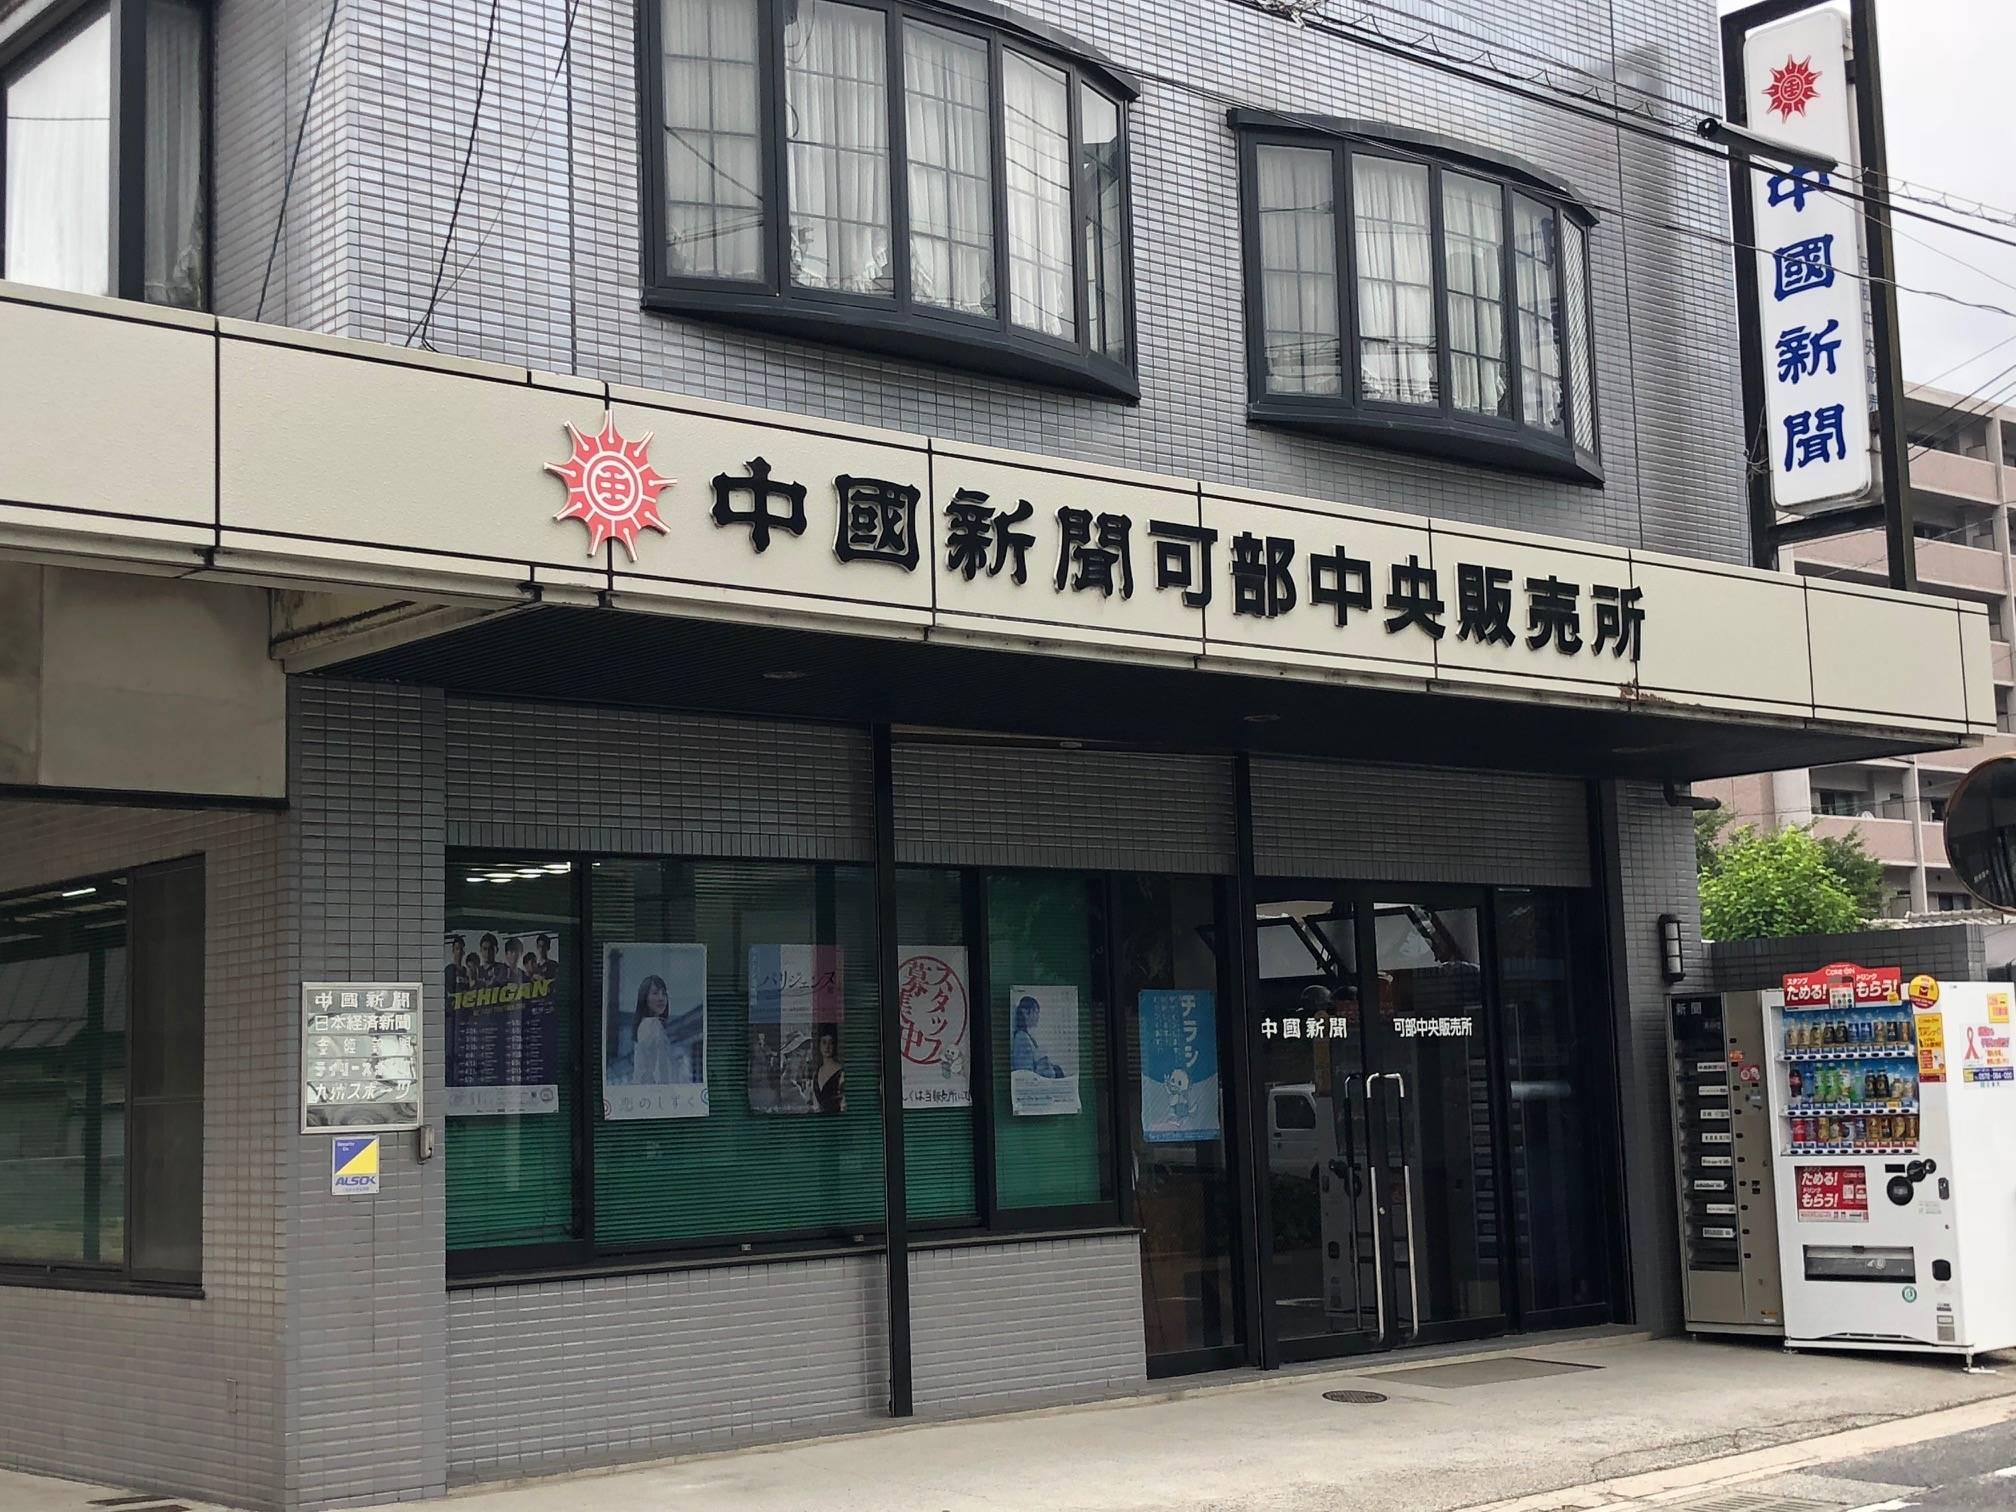 ㈲中国新聞可部中央販売所